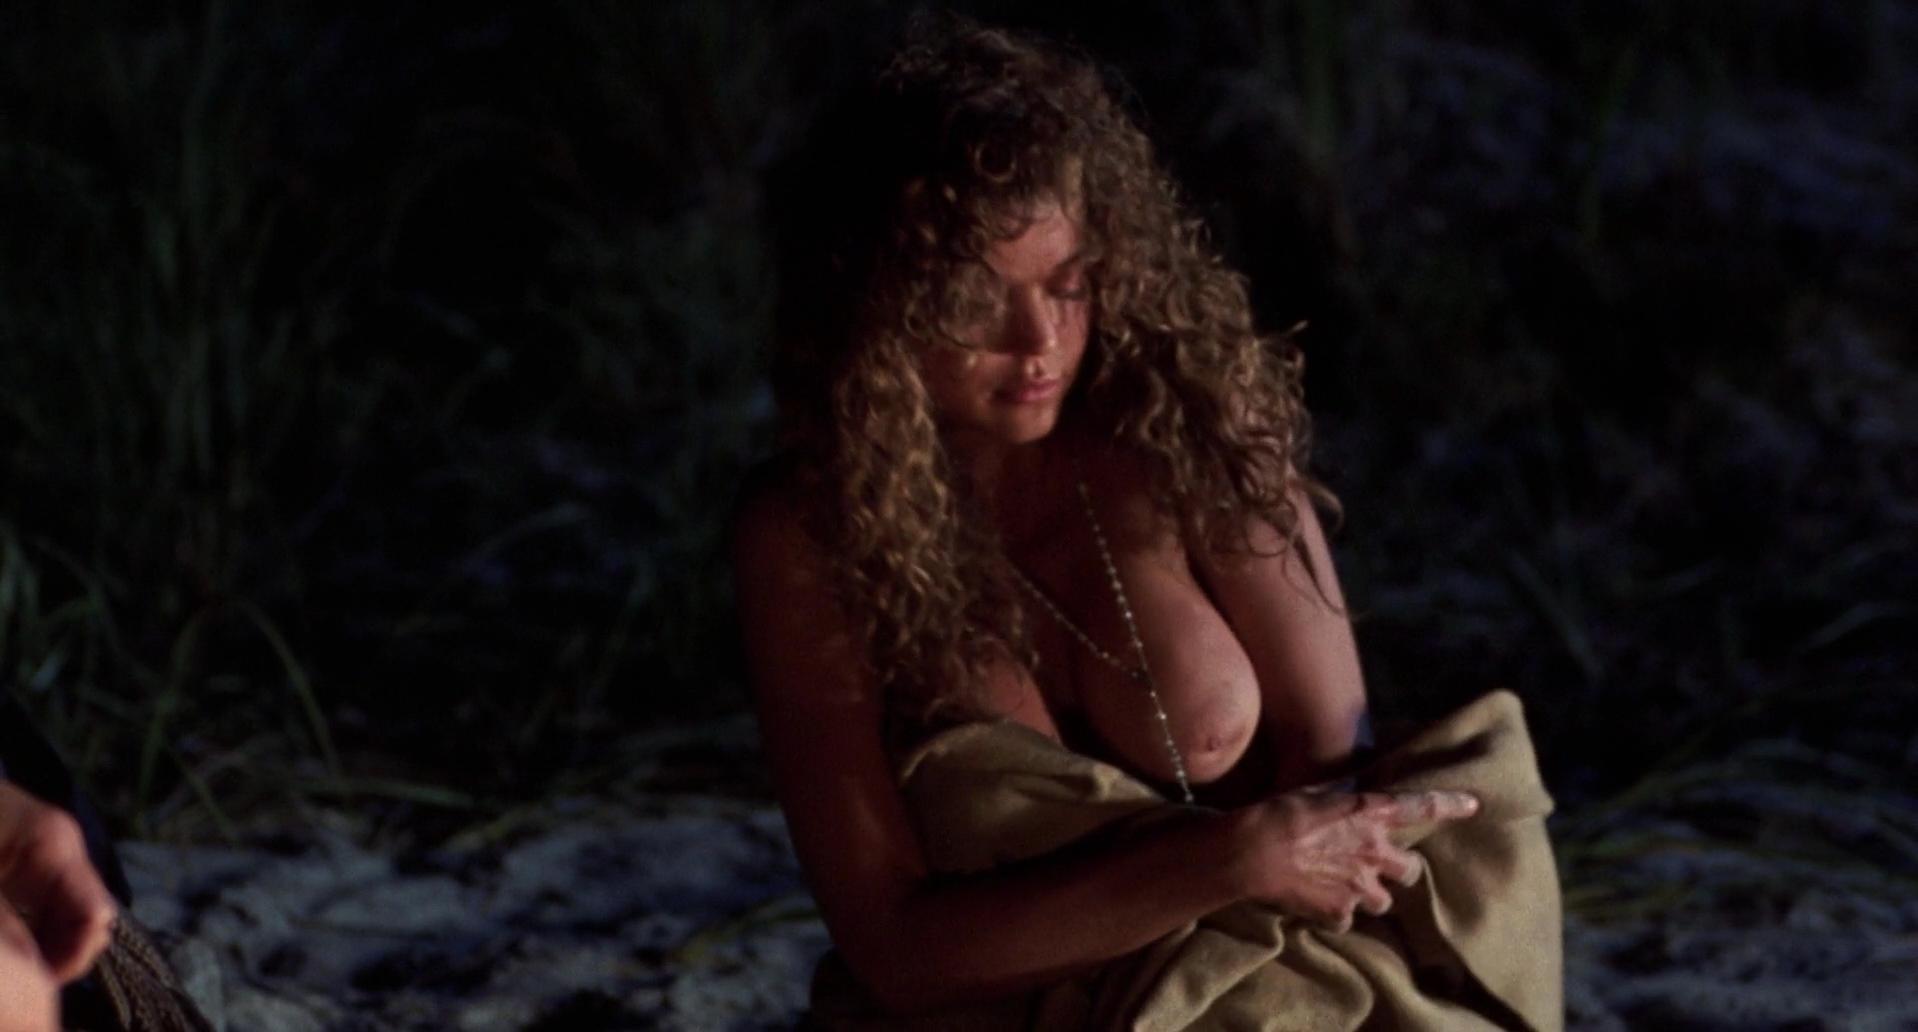 Deborah Richter nude - Cyborg (1989)